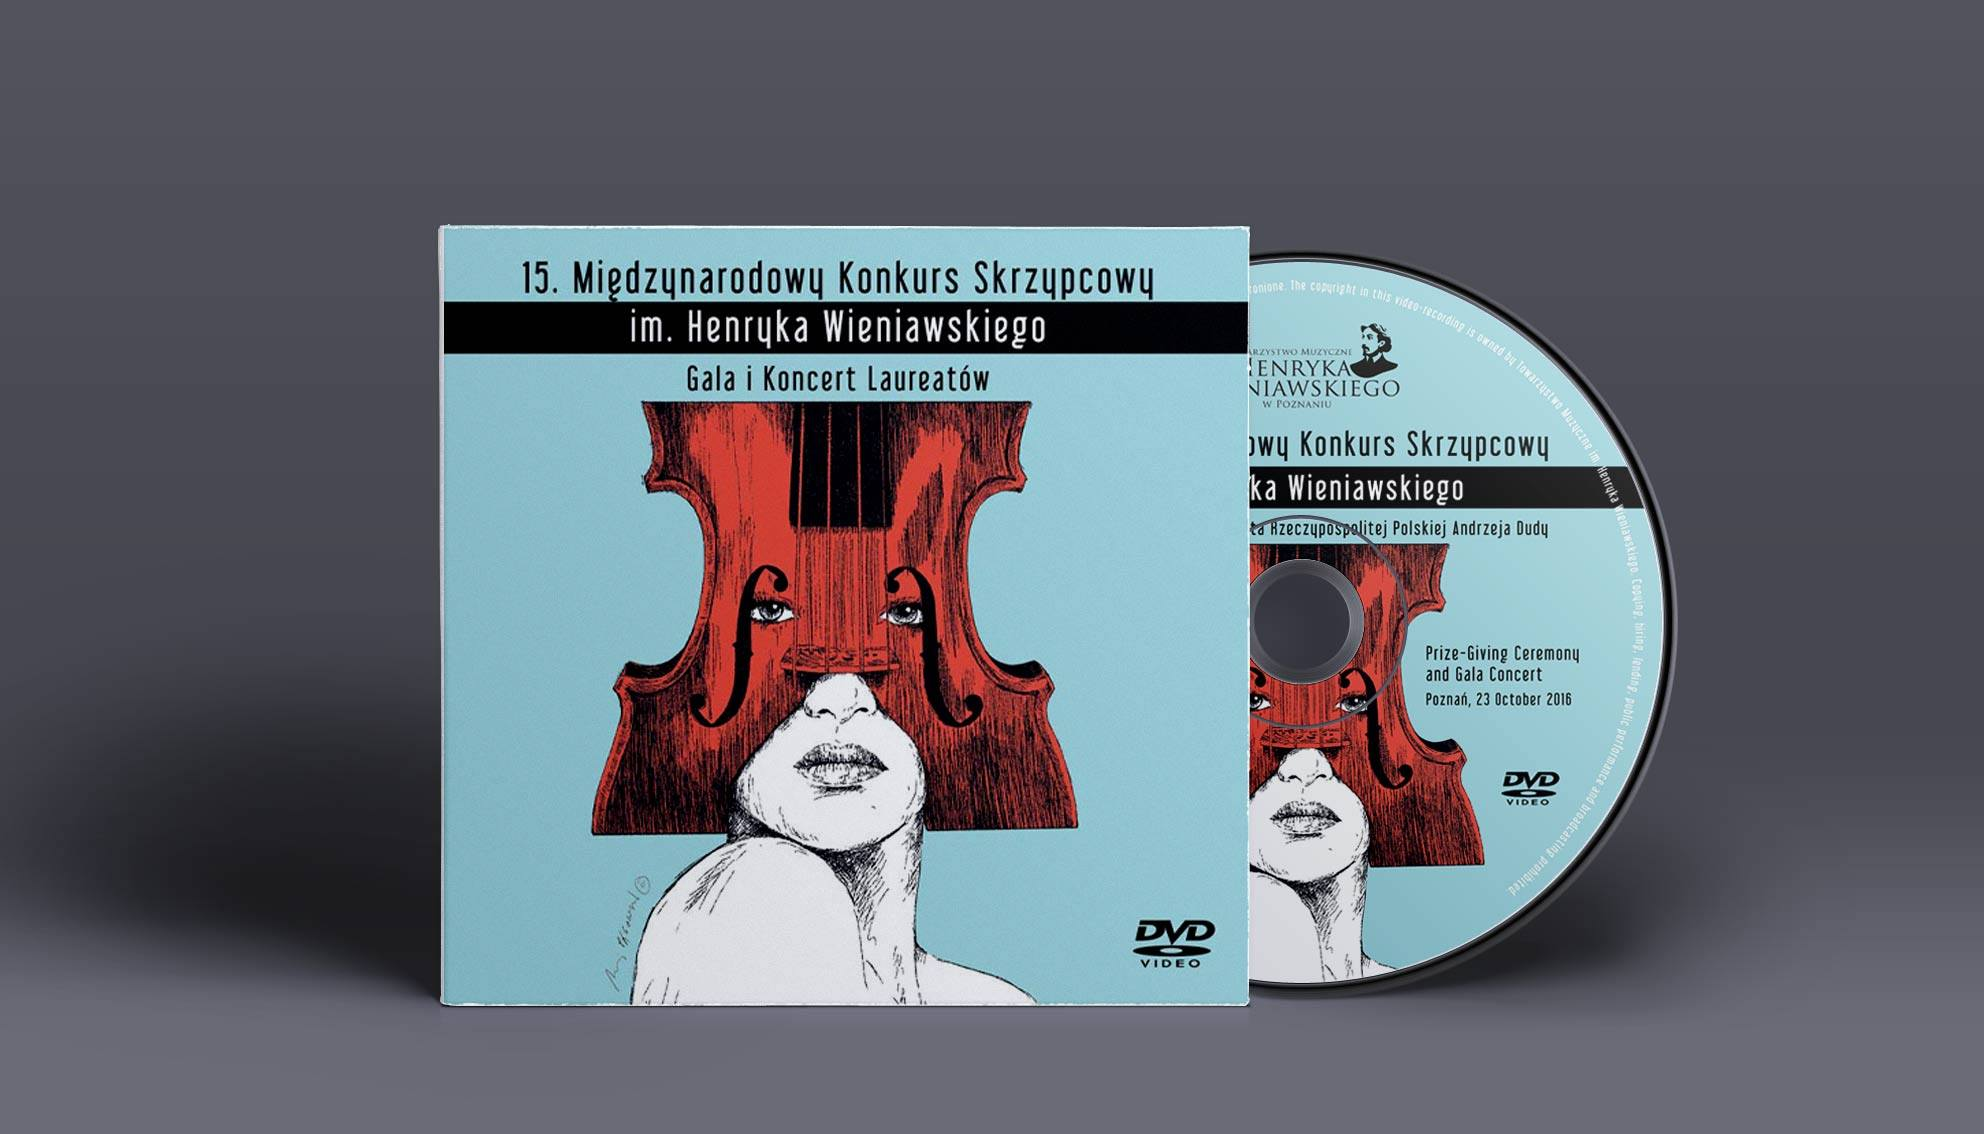 DVD - Gala i Koncert Laureatów 15. Międzynarodowego Konkursu Skrzypcowego im. Henryka Wieniawskiego (2016)